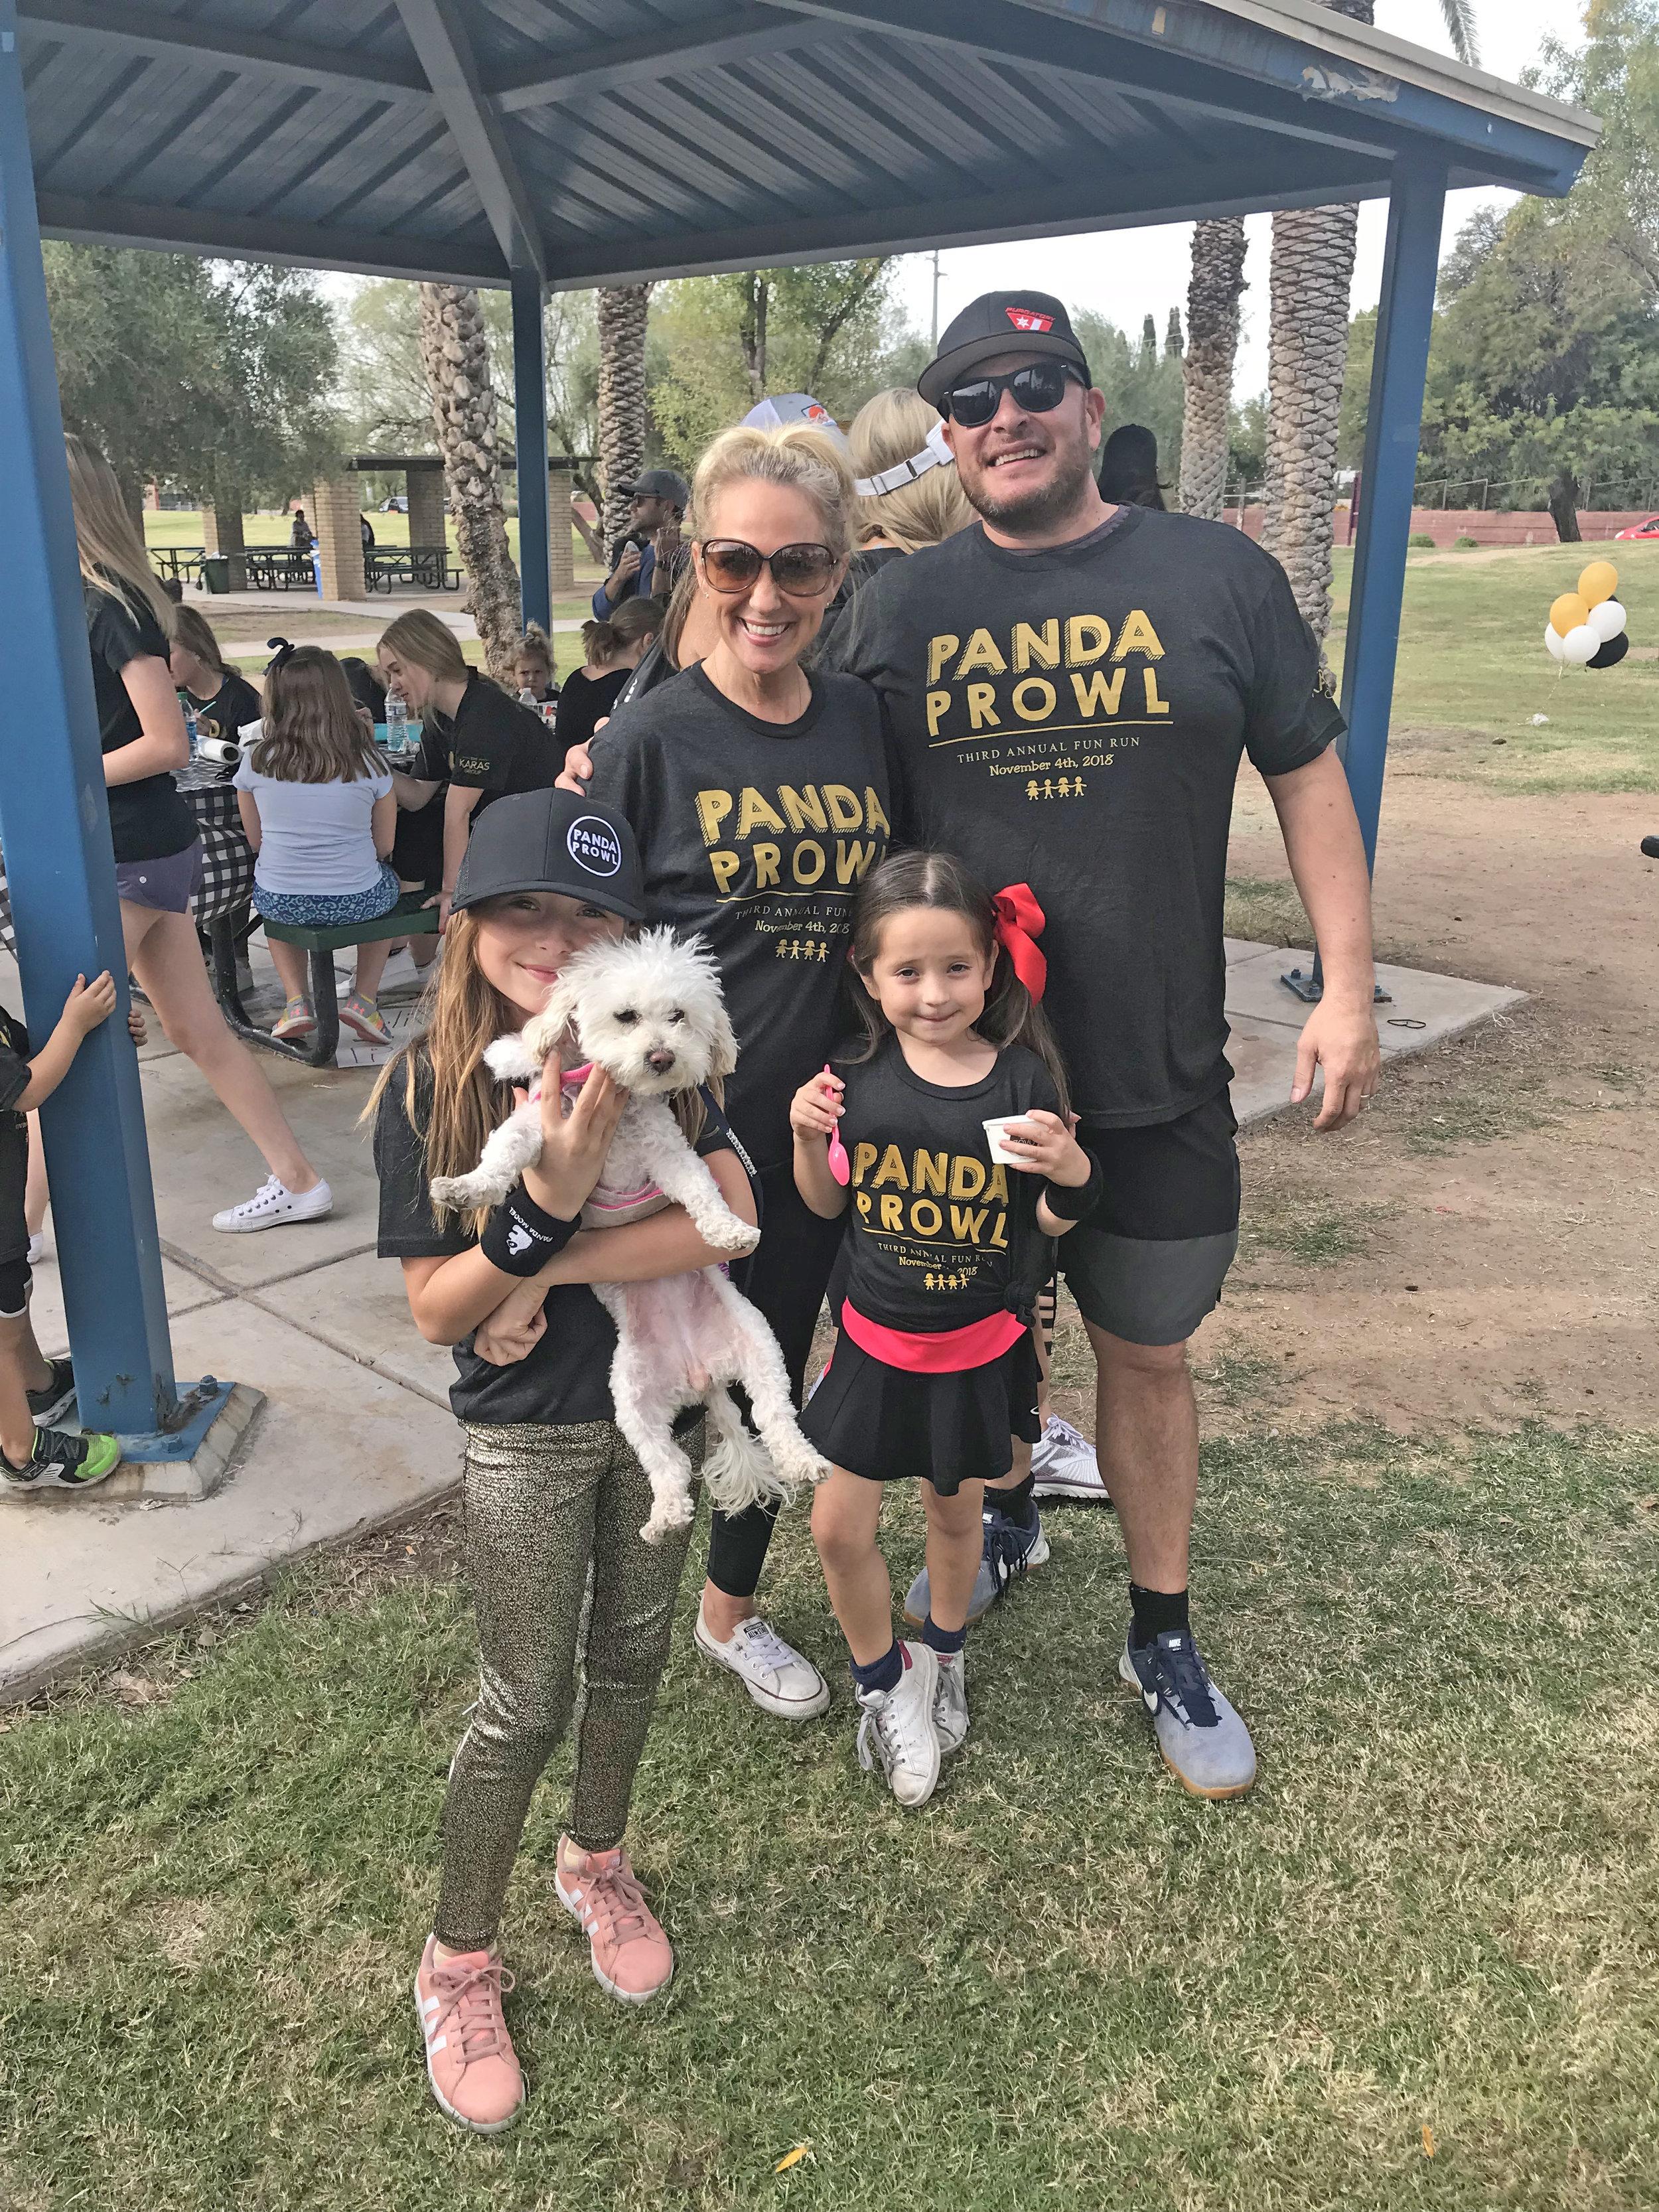 Panda prowl fundraiser family fun run